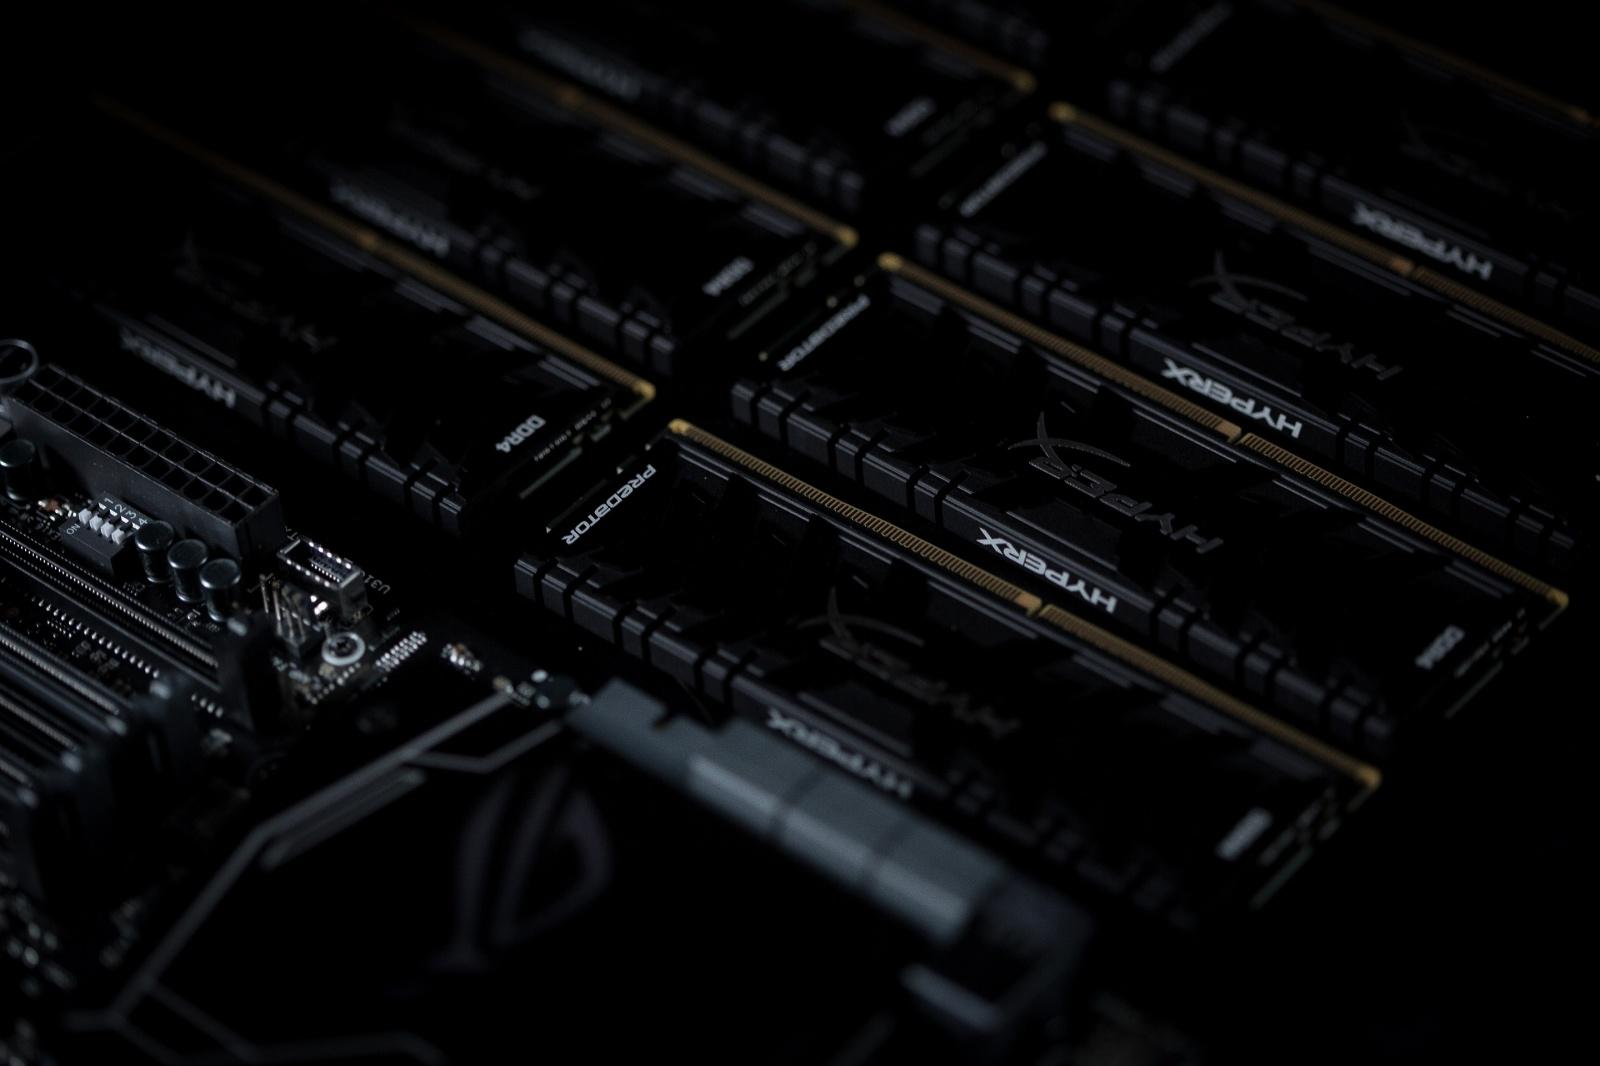 Сколько оперативной памяти потребляли компьютерные игры, или В ожидании эпохи «16+ Гбайт» - 6